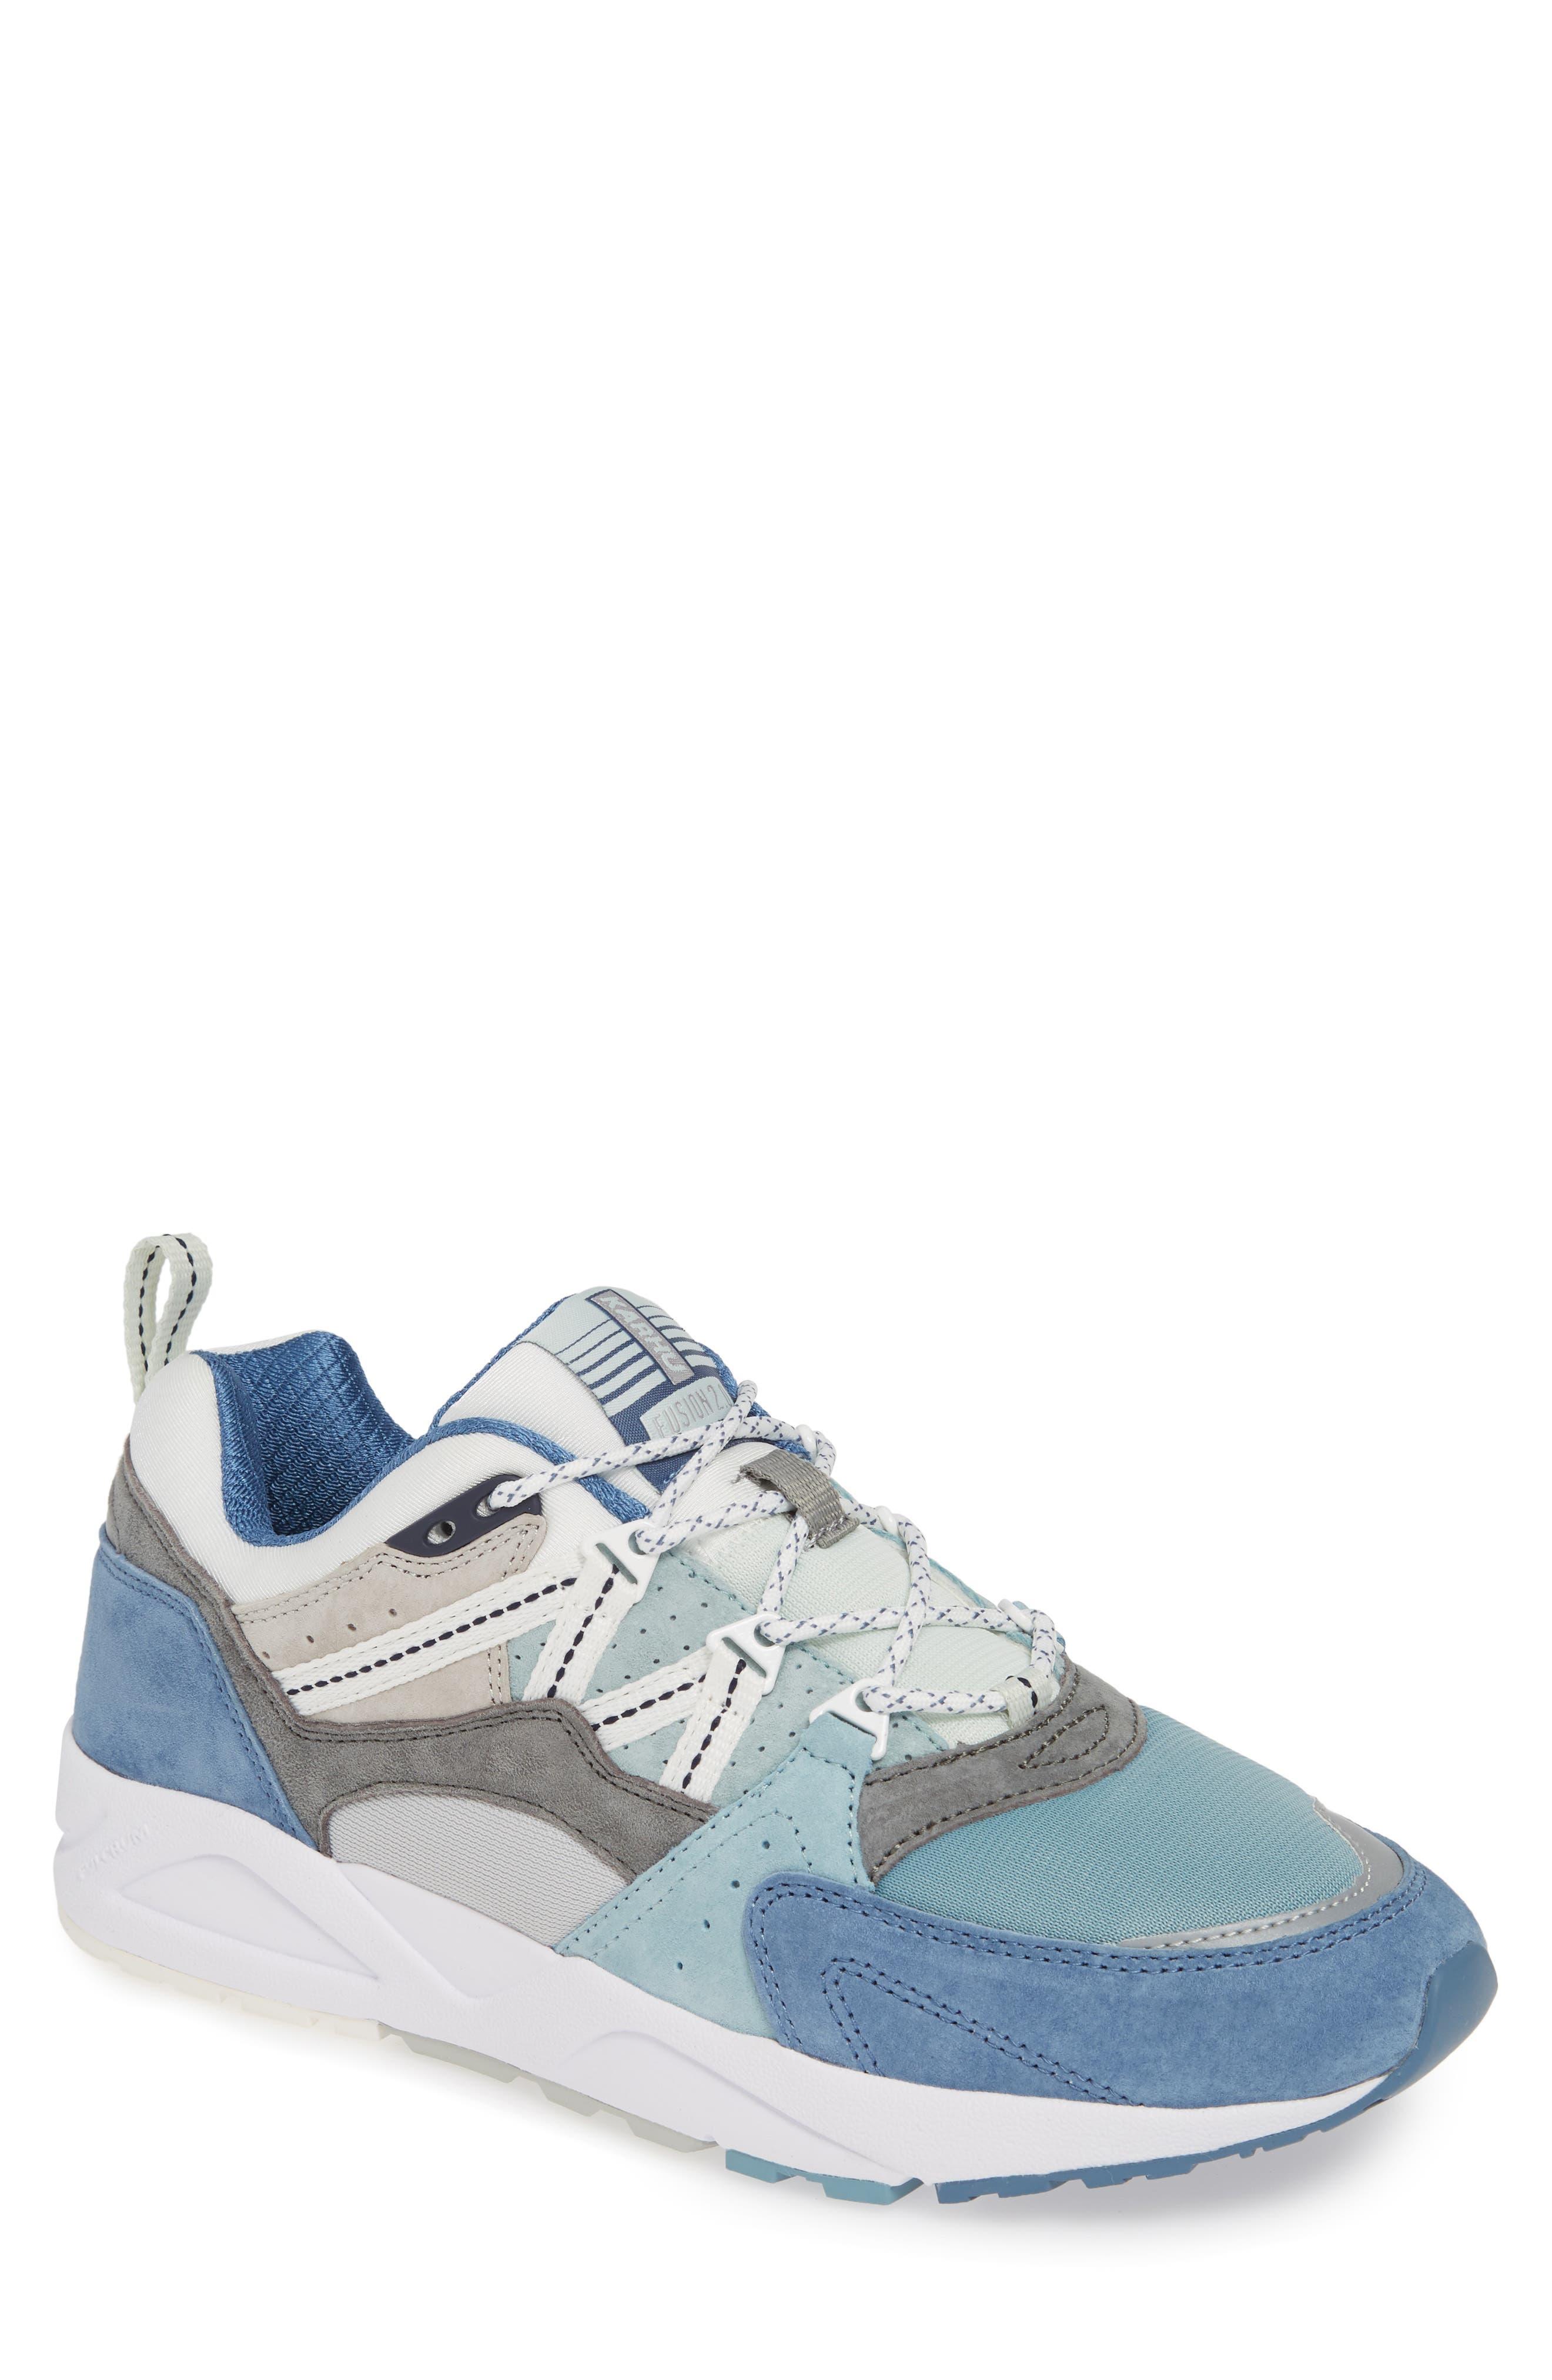 Fusion 2.0 Sneaker,                         Main,                         color, 210